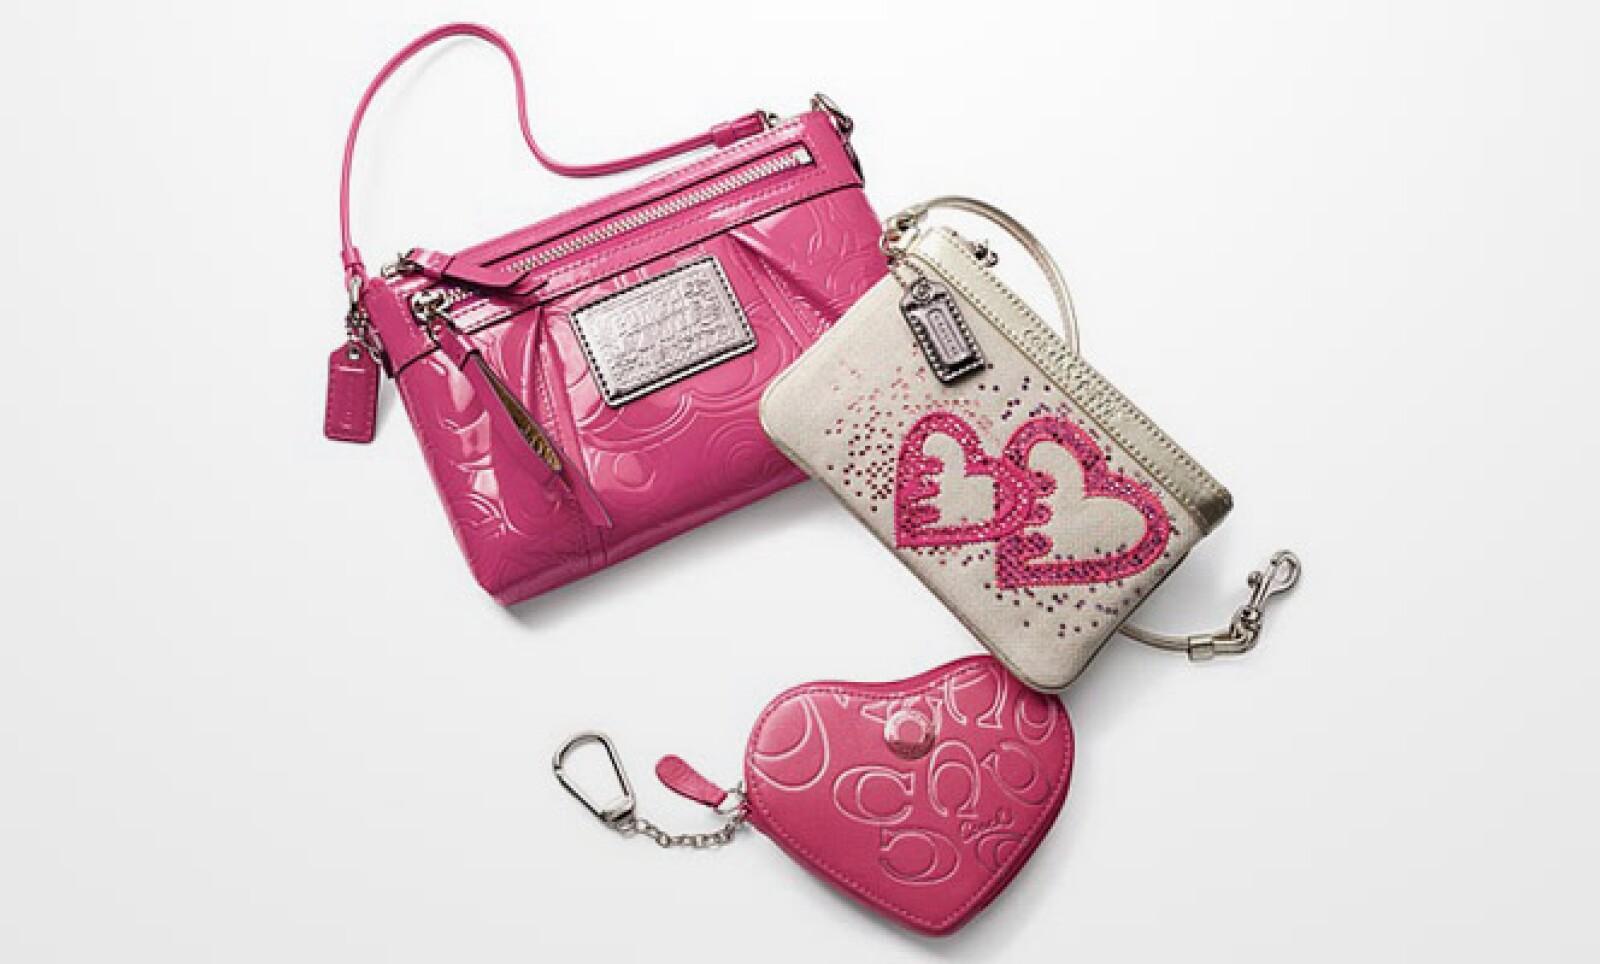 Si deseas algo más romántico, este paquete cambia la forma del monedero por un corazón e intercala pequeños brillantes en el porta tarjetas.